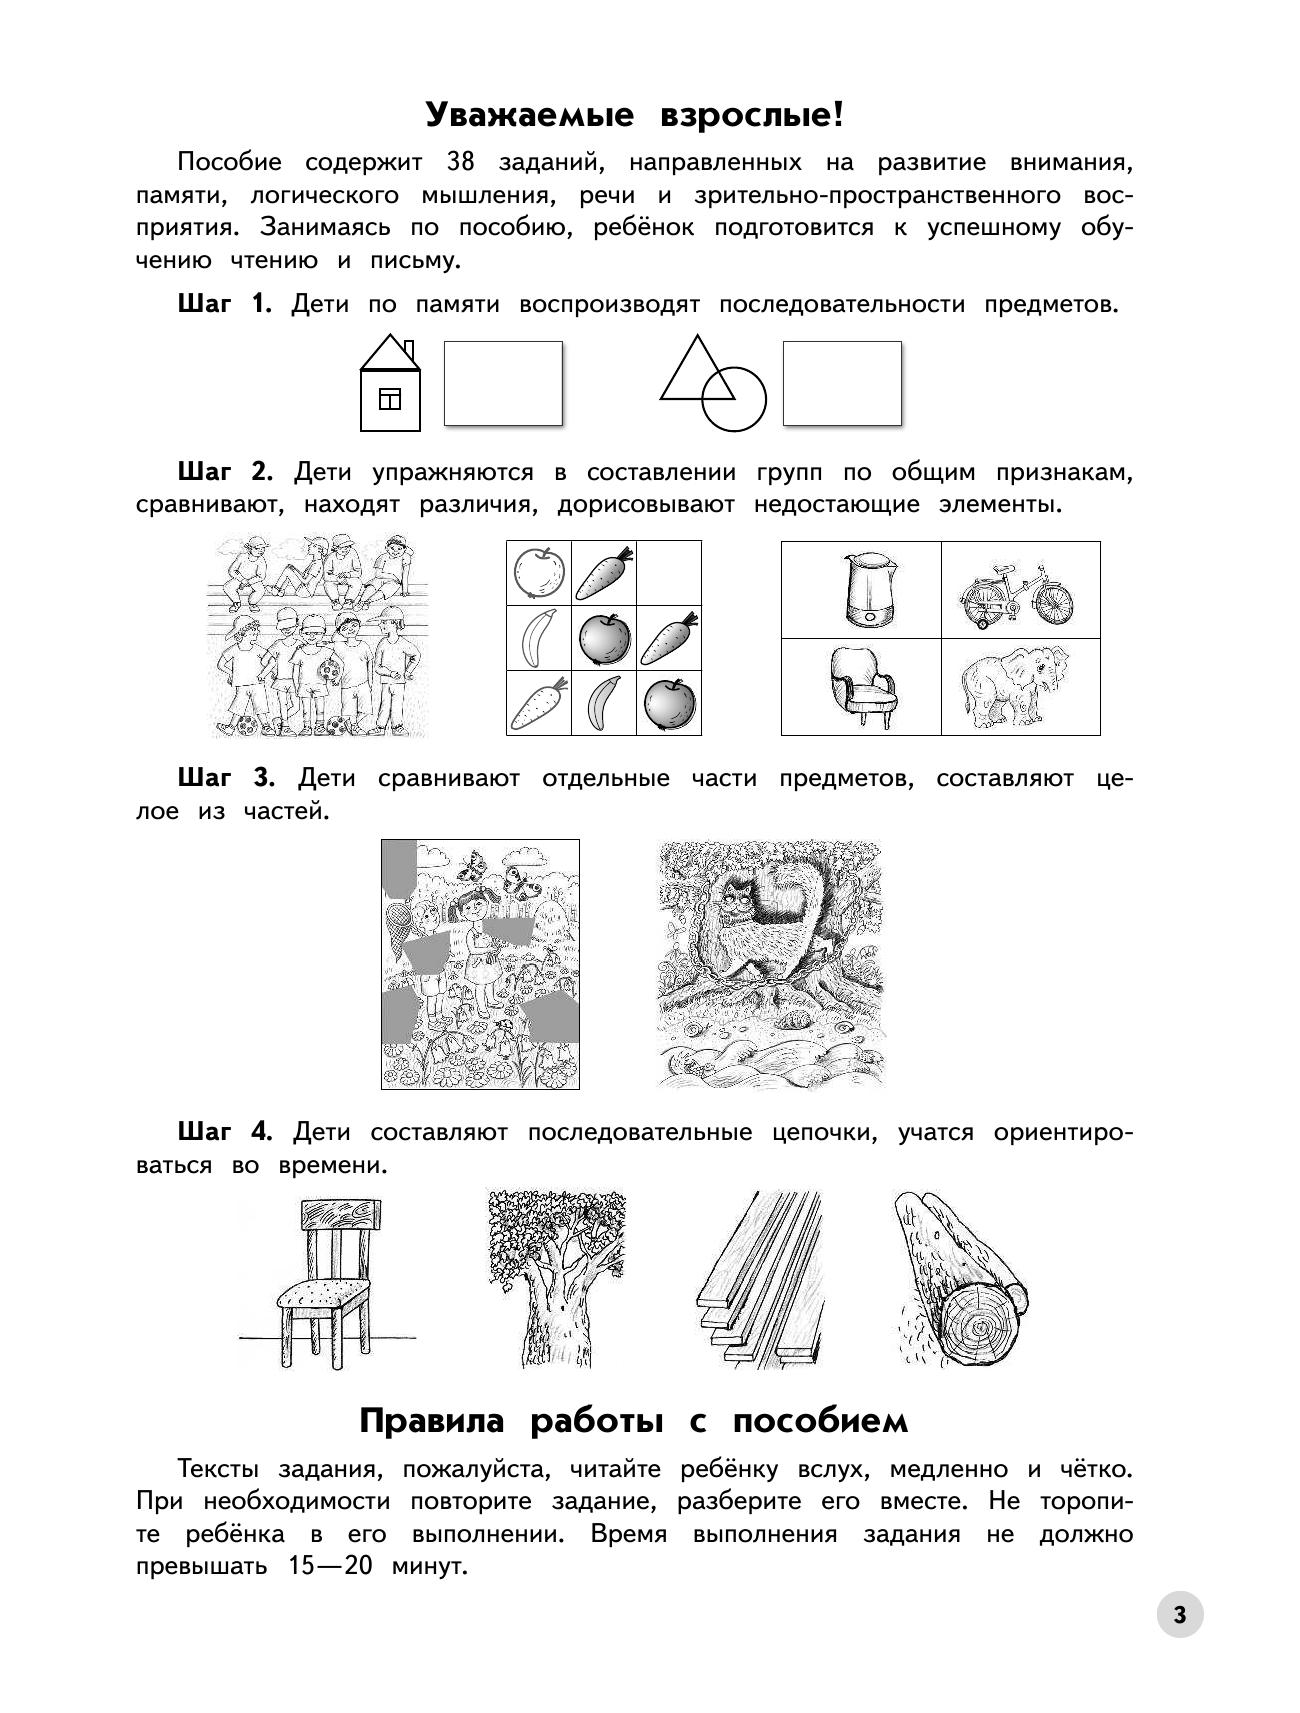 Развиваем логическое мышление и память. Пособие для детей 6-7 лет. - страница 3